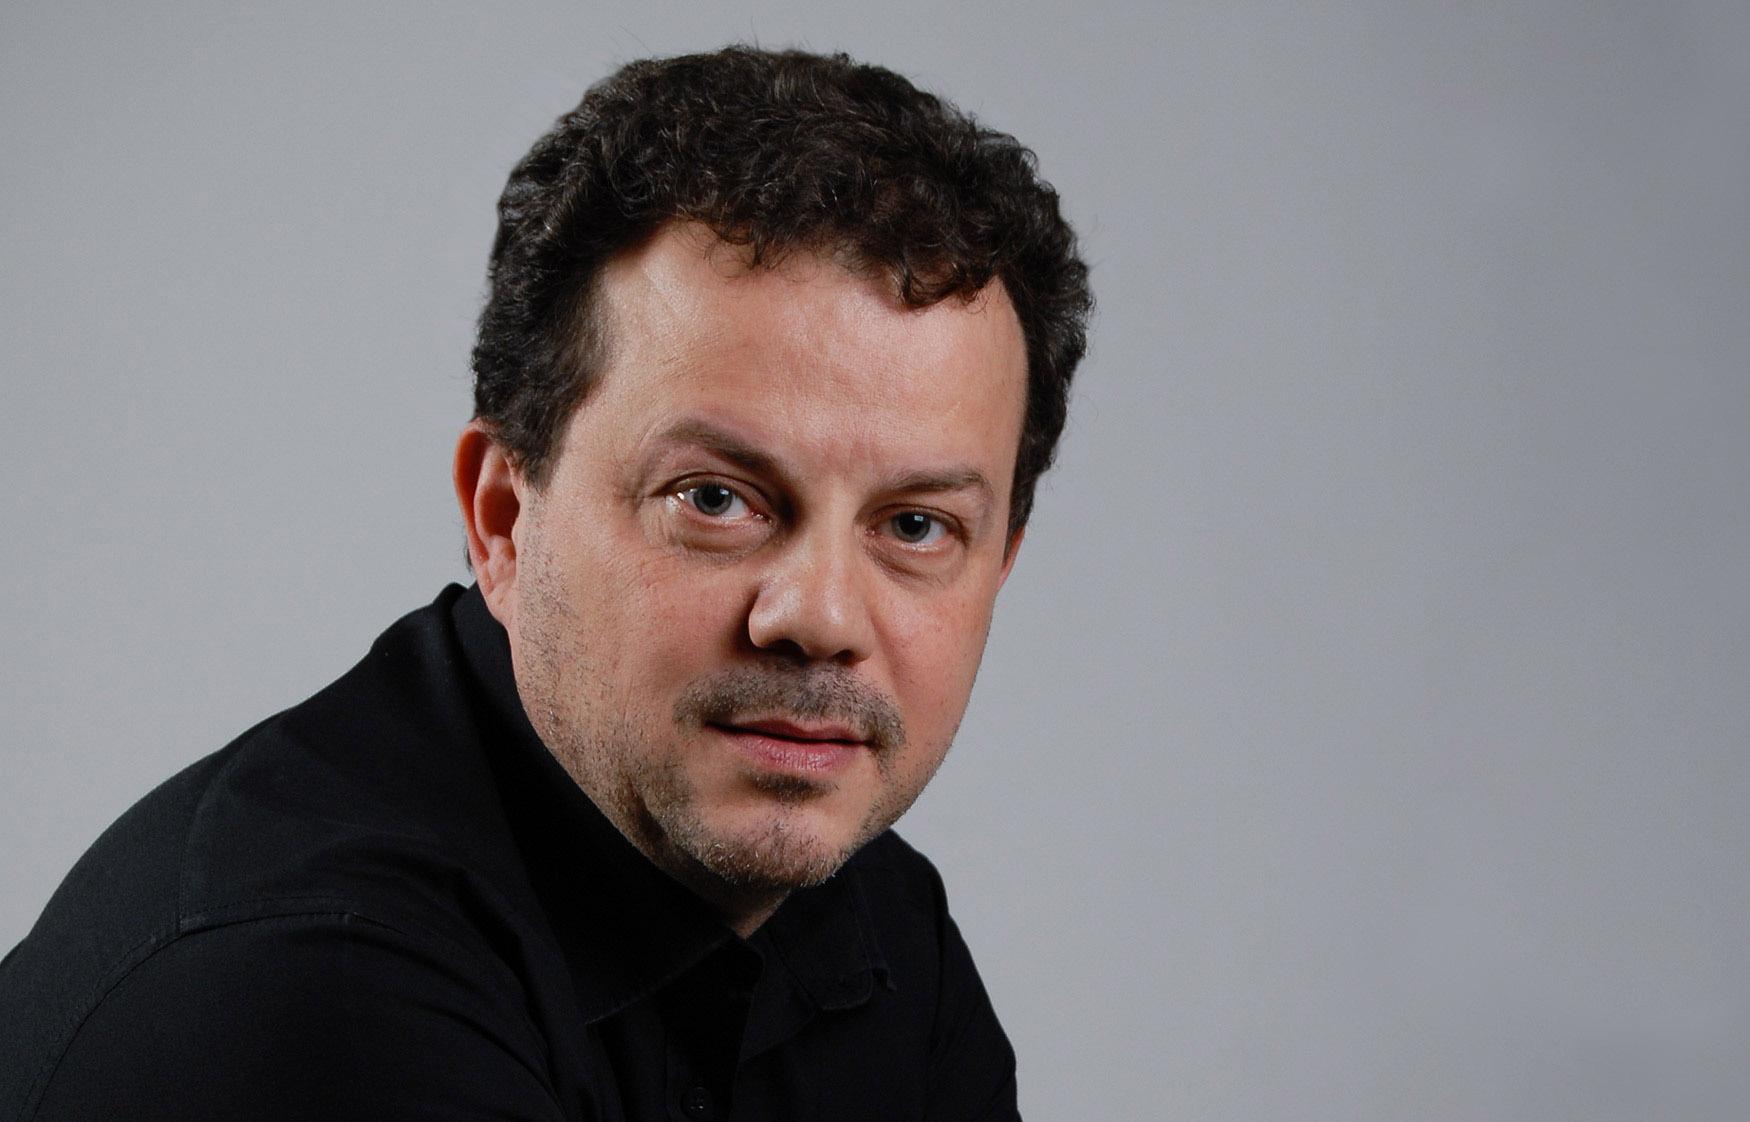 Paolo Franzin